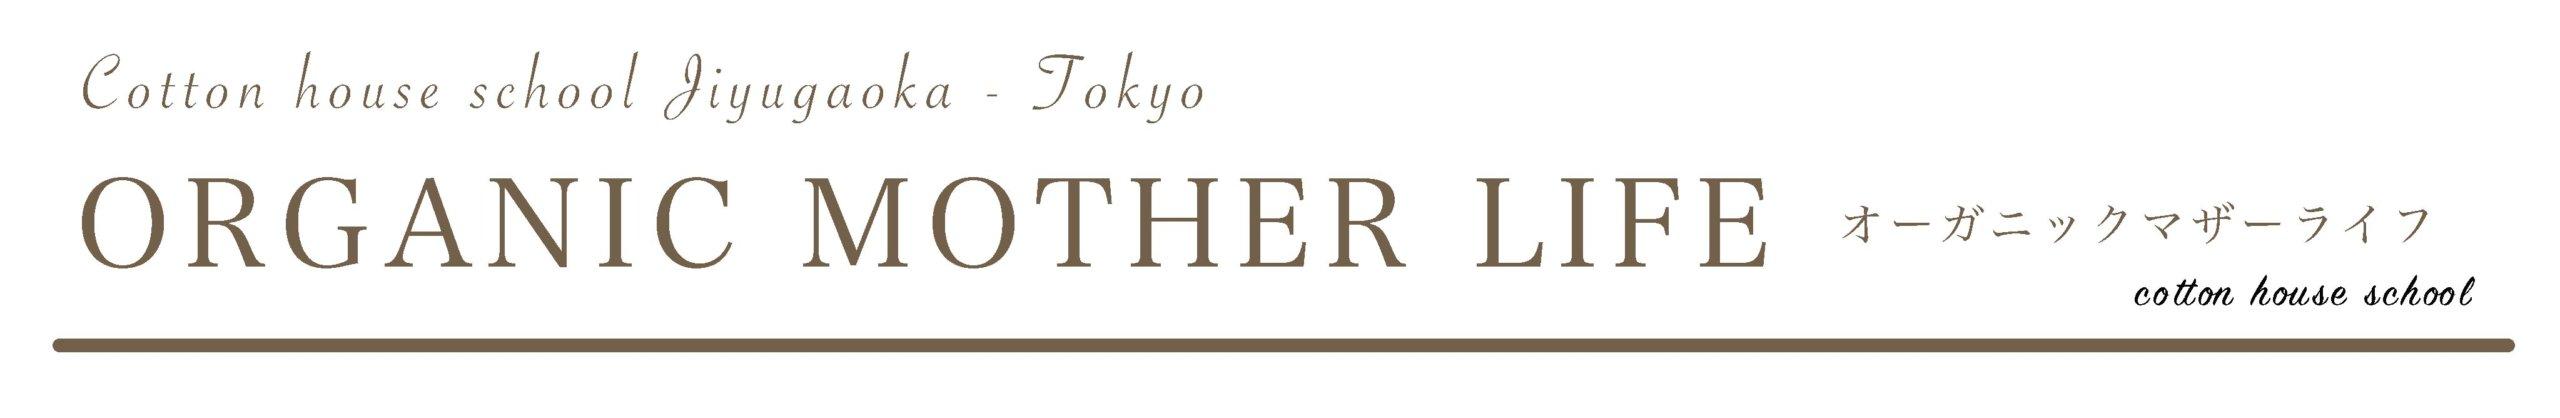 東京コットンハウス